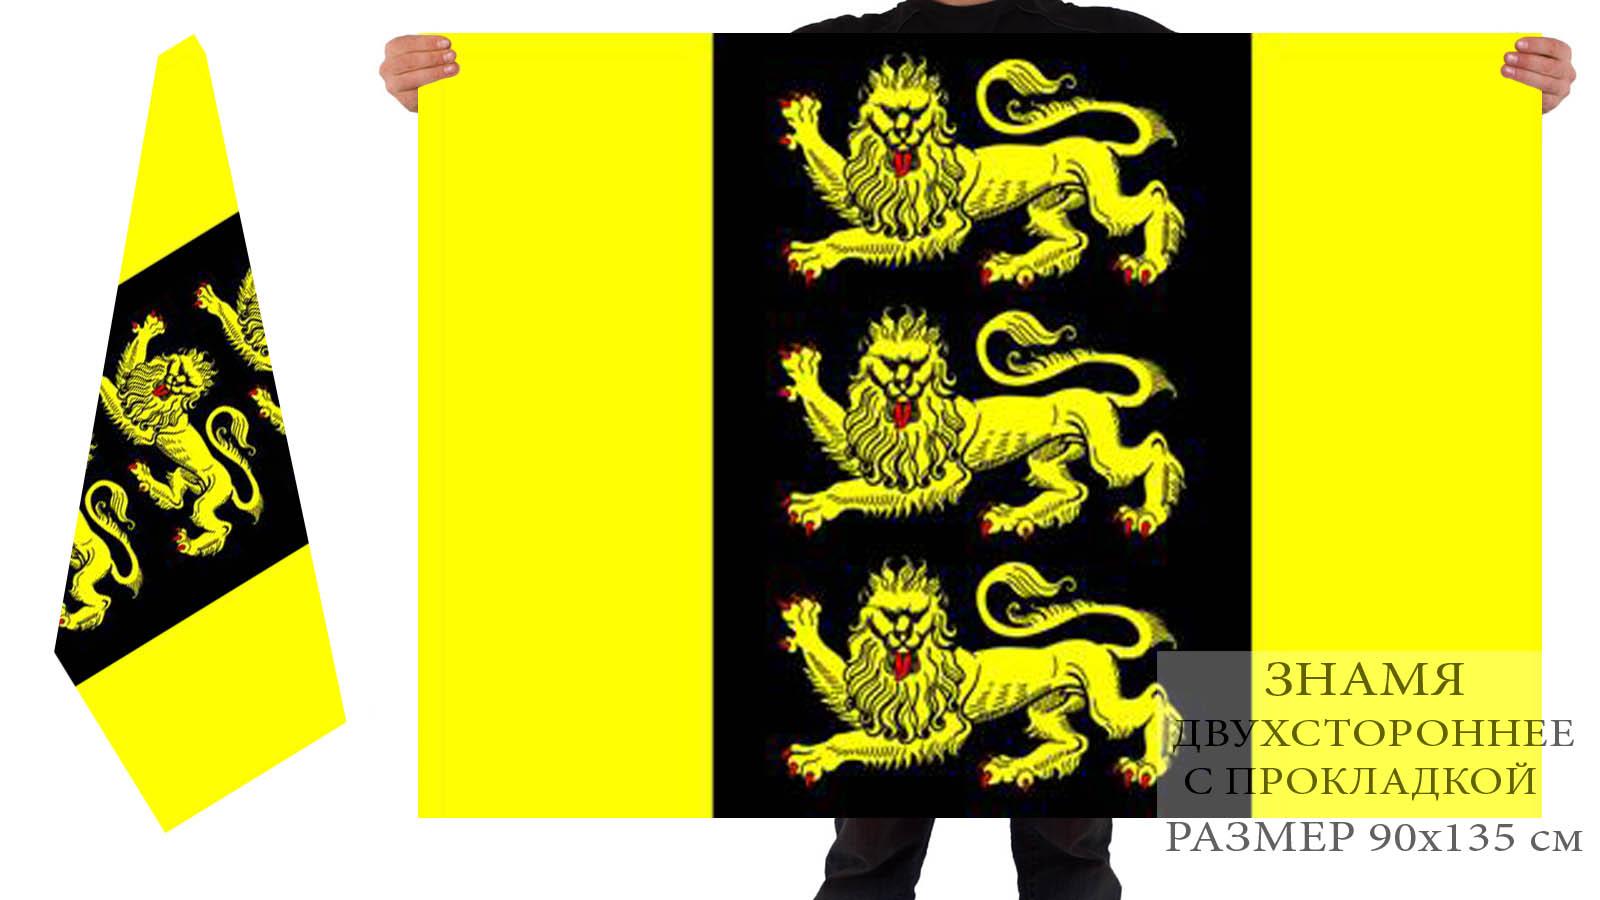 Двусторонний флаг внутригородского муниципального образования муниципальный округ Горелово